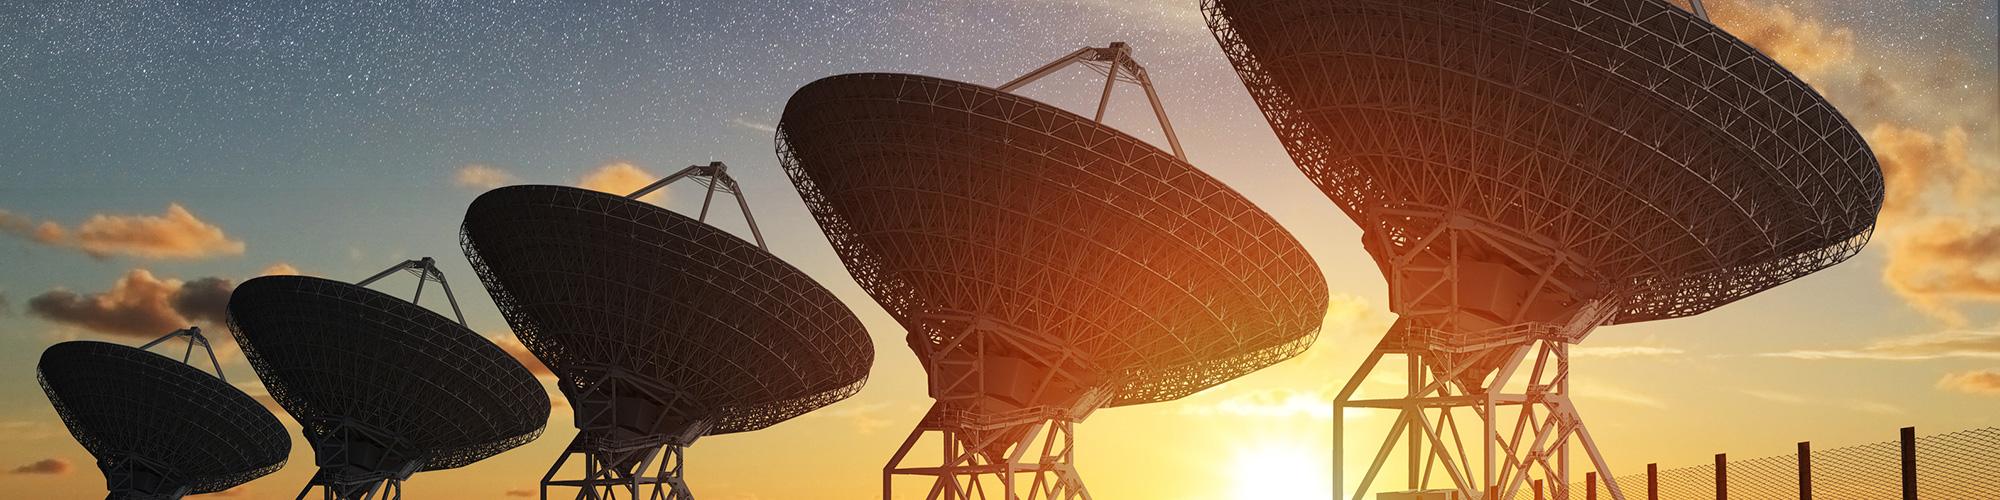 Netzwerkleistungen sind steuerbar: Satellitenschüsseln im Sonnenaufgang